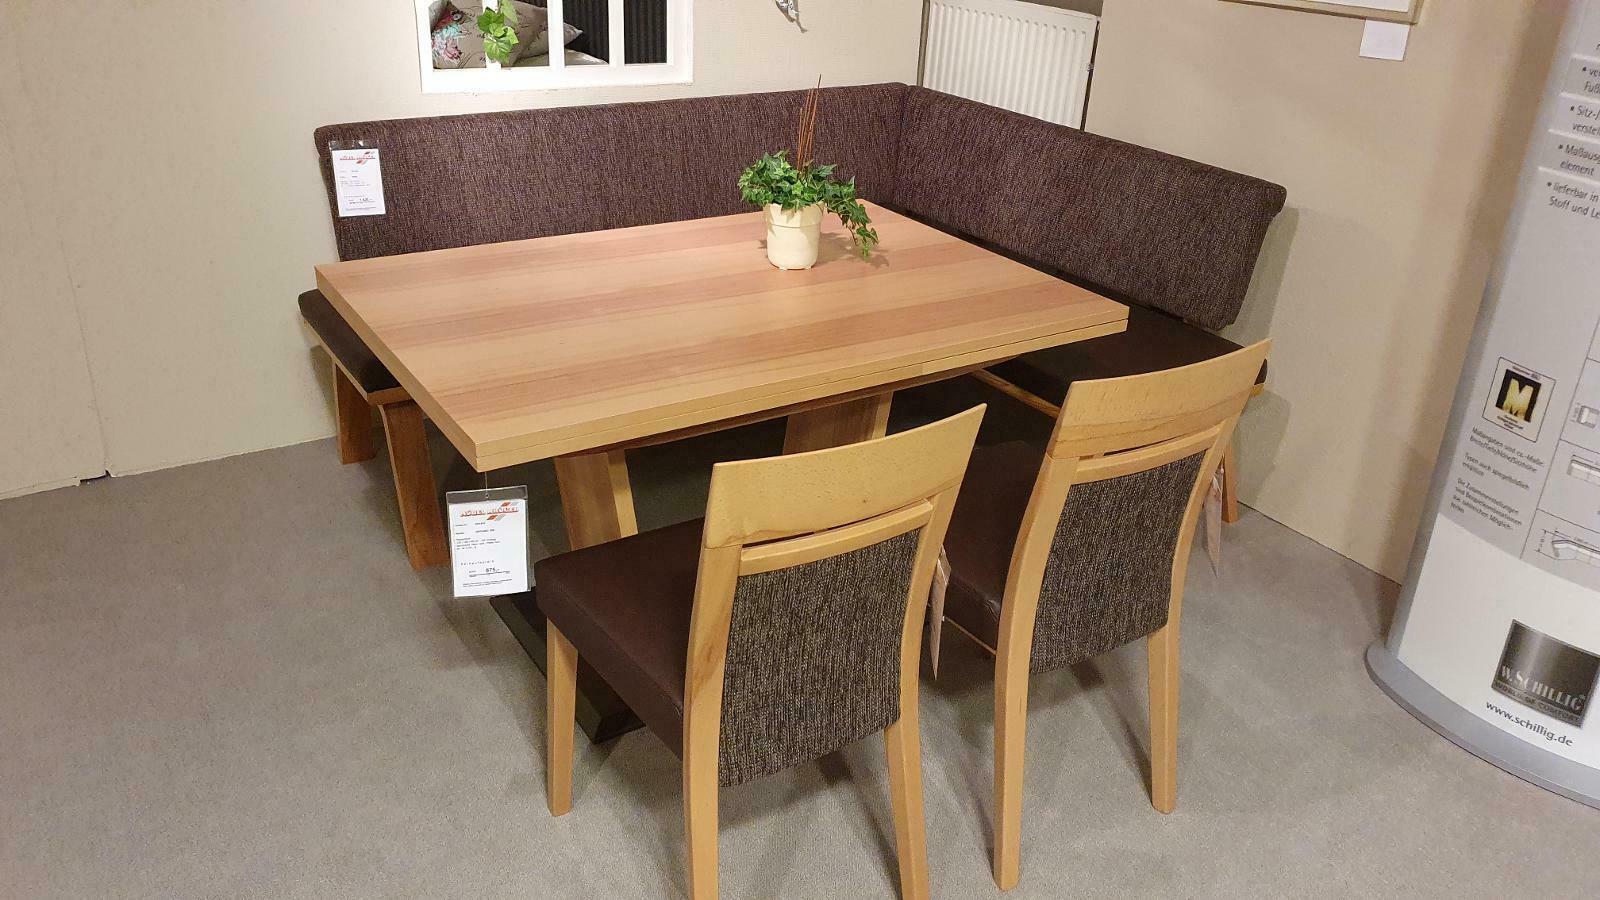 Wave - Eckbankgruppe mit Stühlen und Tisch